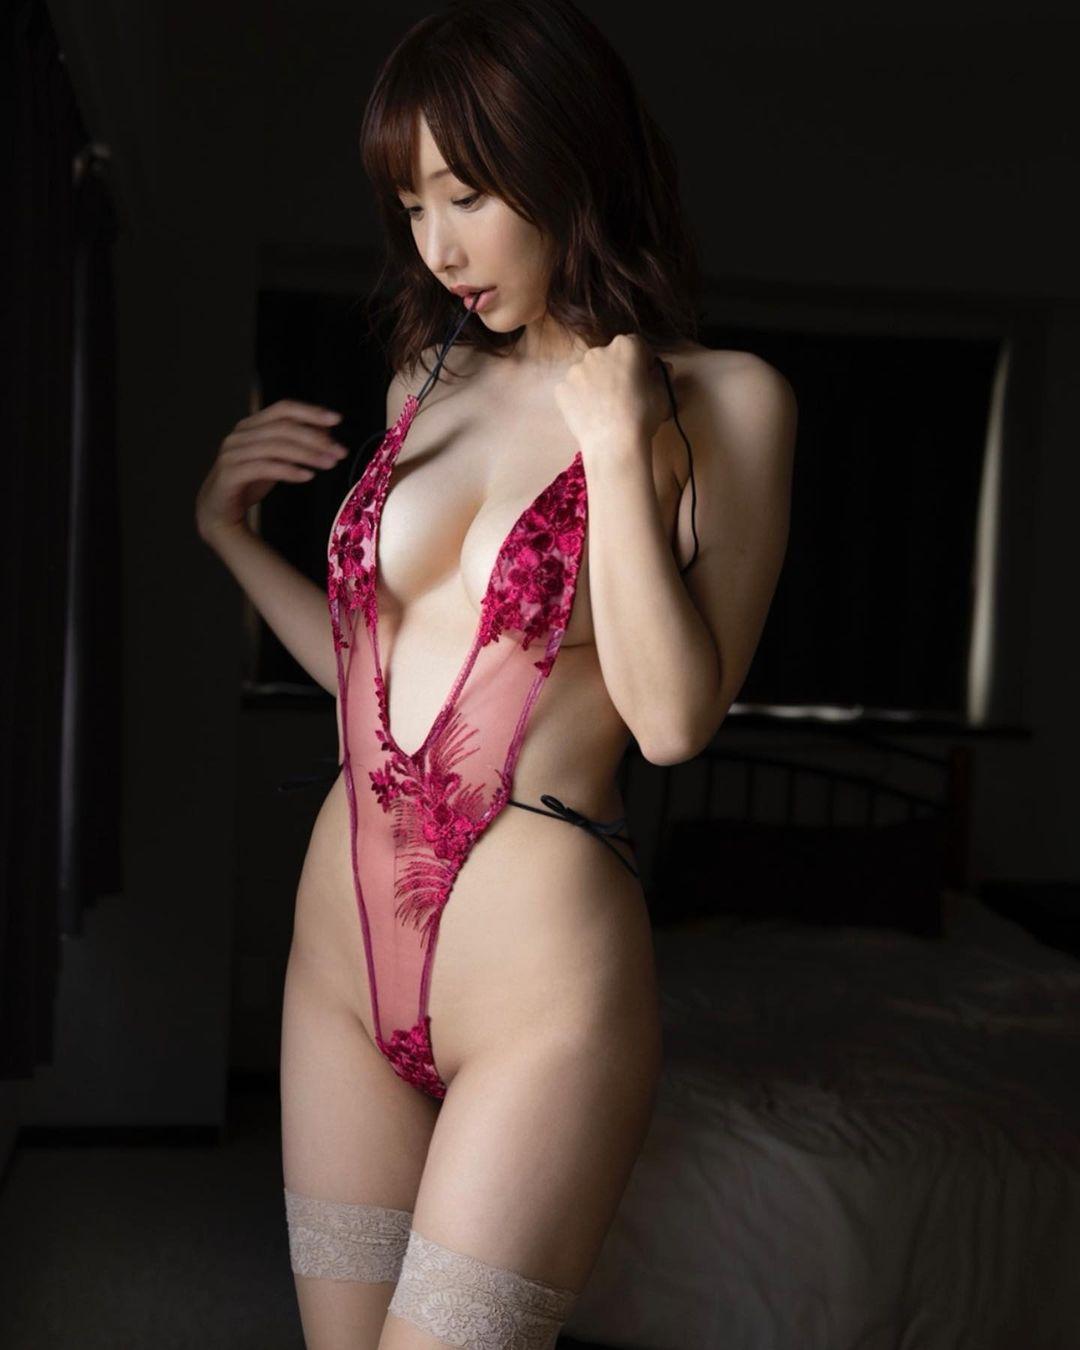 「Amazon・楽天・東京リリーのランキングで1位になれて嬉しいです」セクシー衣装姿でファンにDVD購入者へ感謝を報告【花咲来夢さん/2021年5月26日】